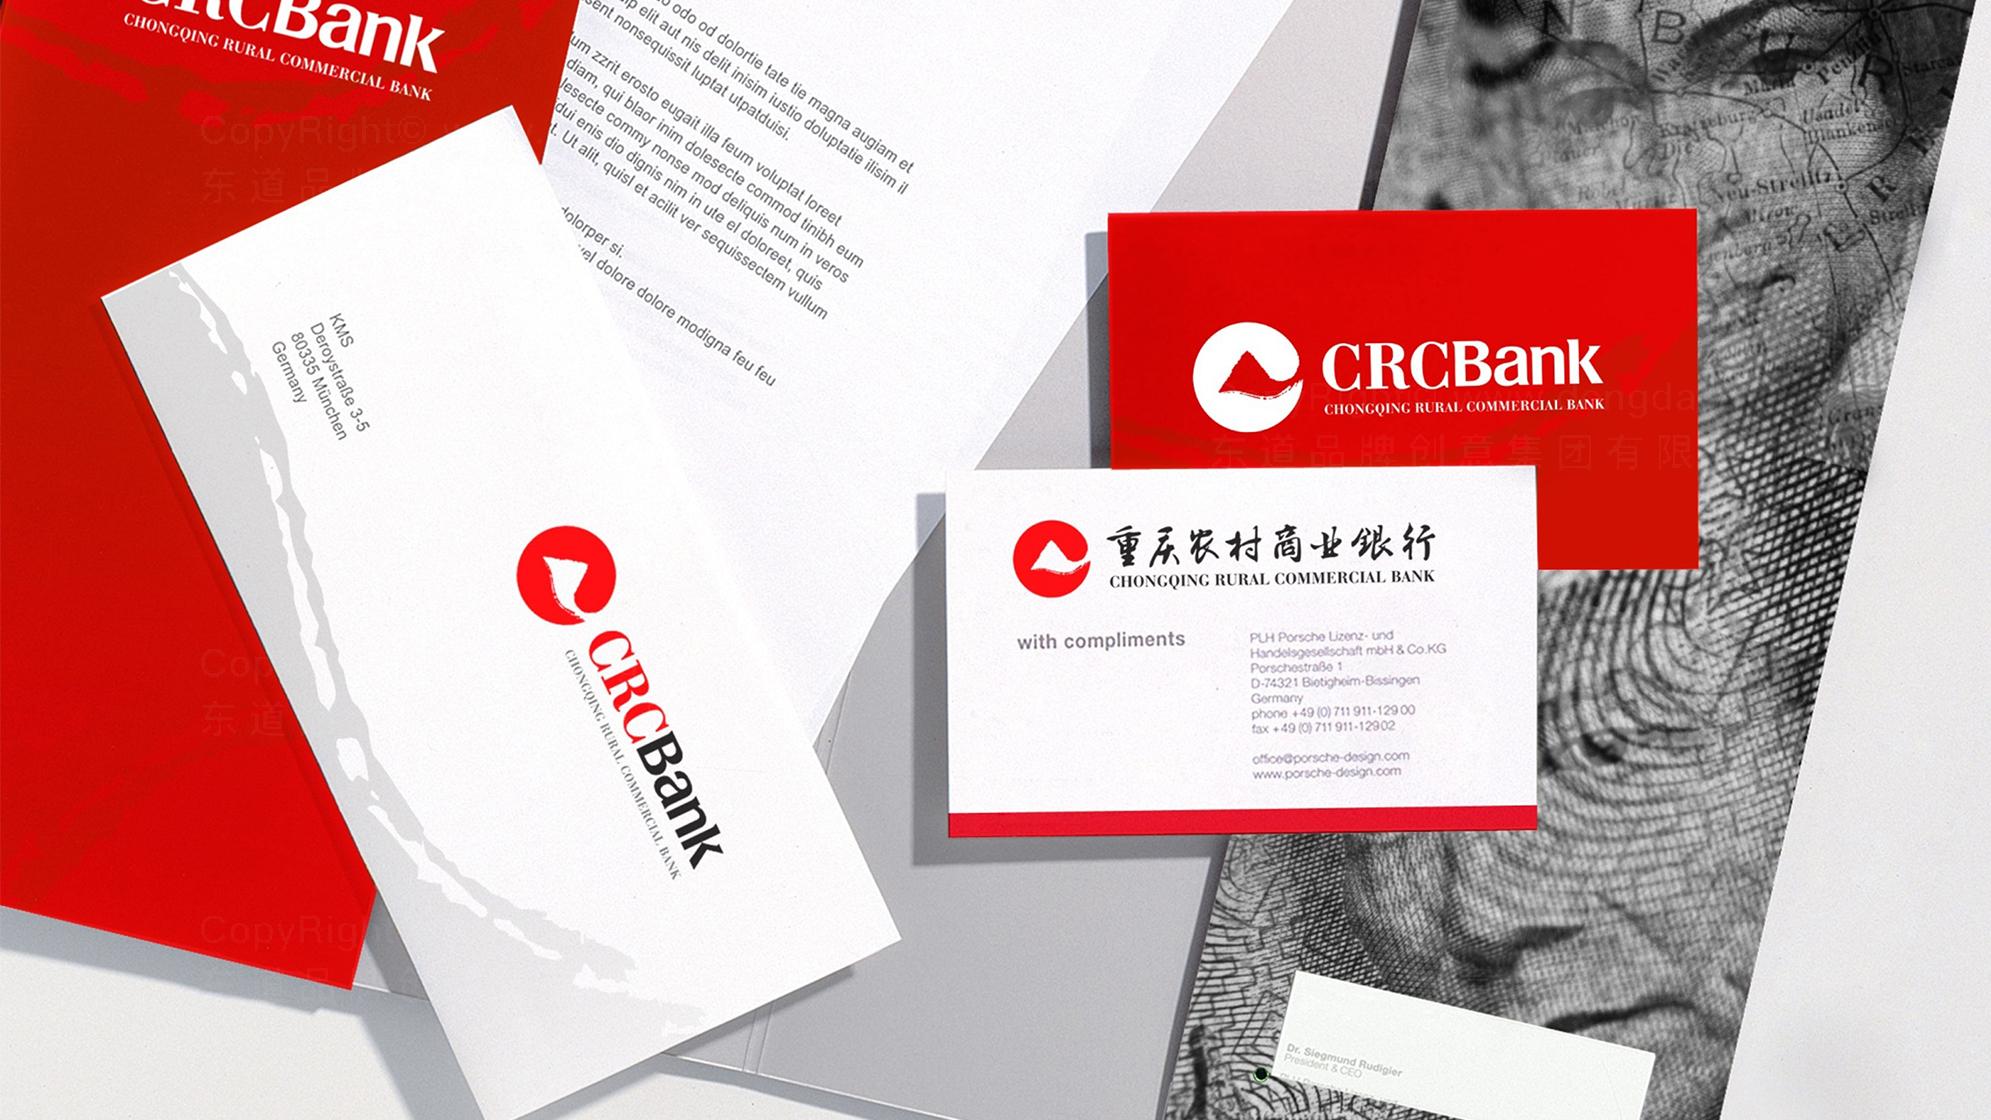 品牌设计重庆农村商业银行LOGO&VI设计应用